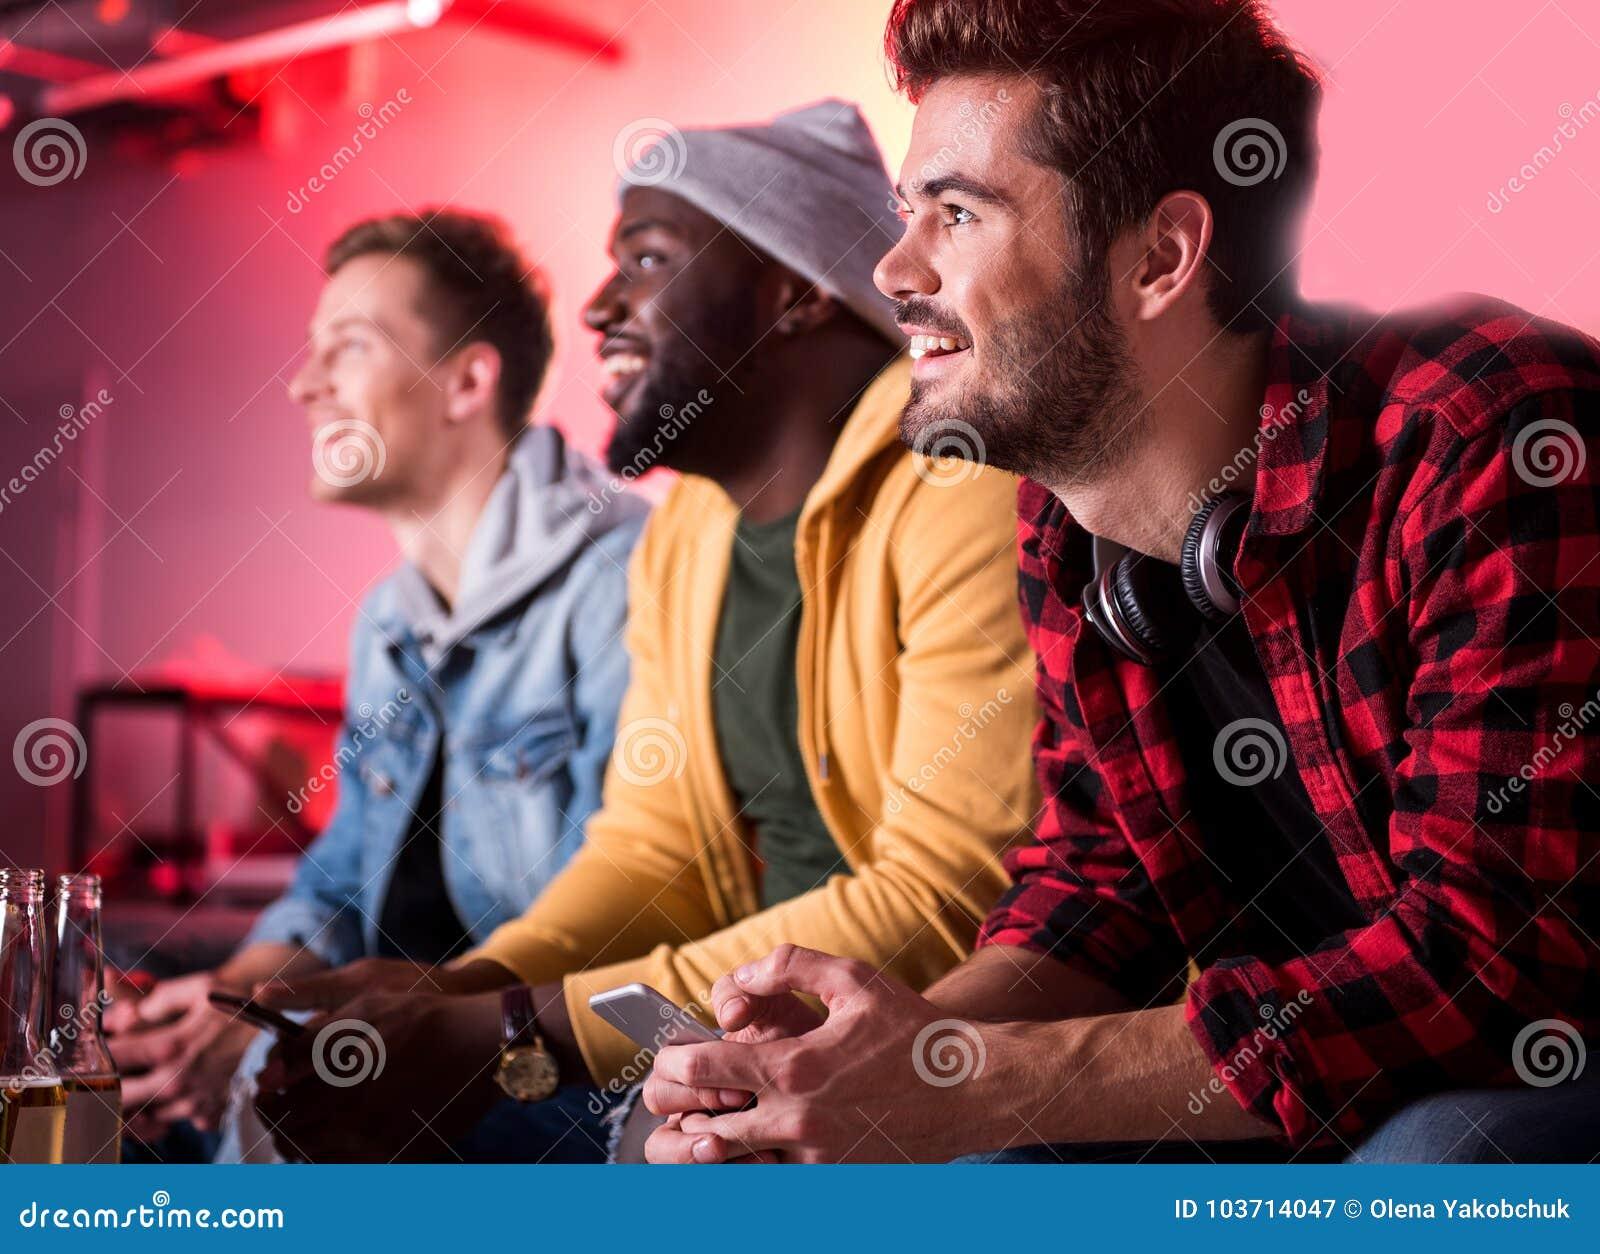 Males having fun